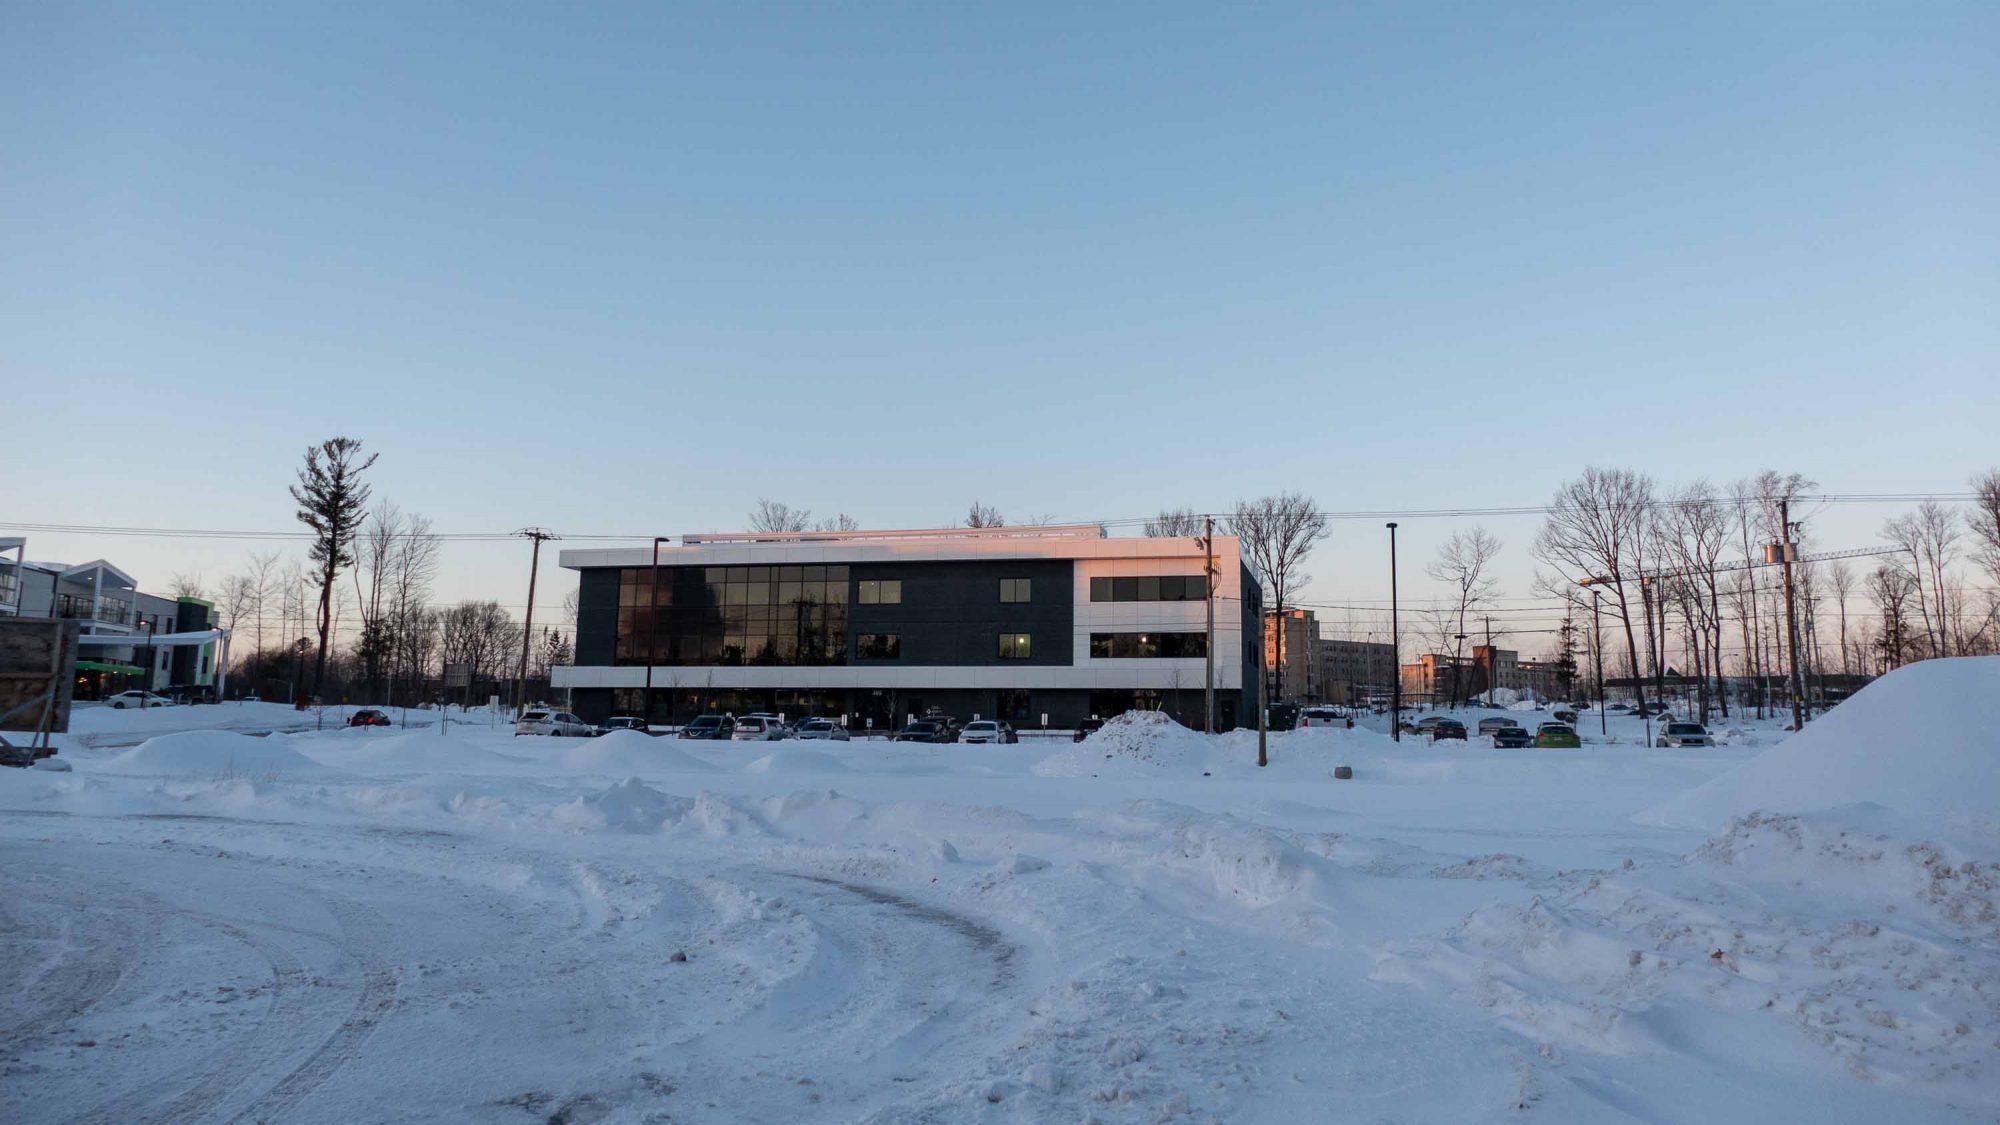 L'édifice qui devait originalement abriter un centre d'imagerie médicale, un projet suspendu pour l'instant.